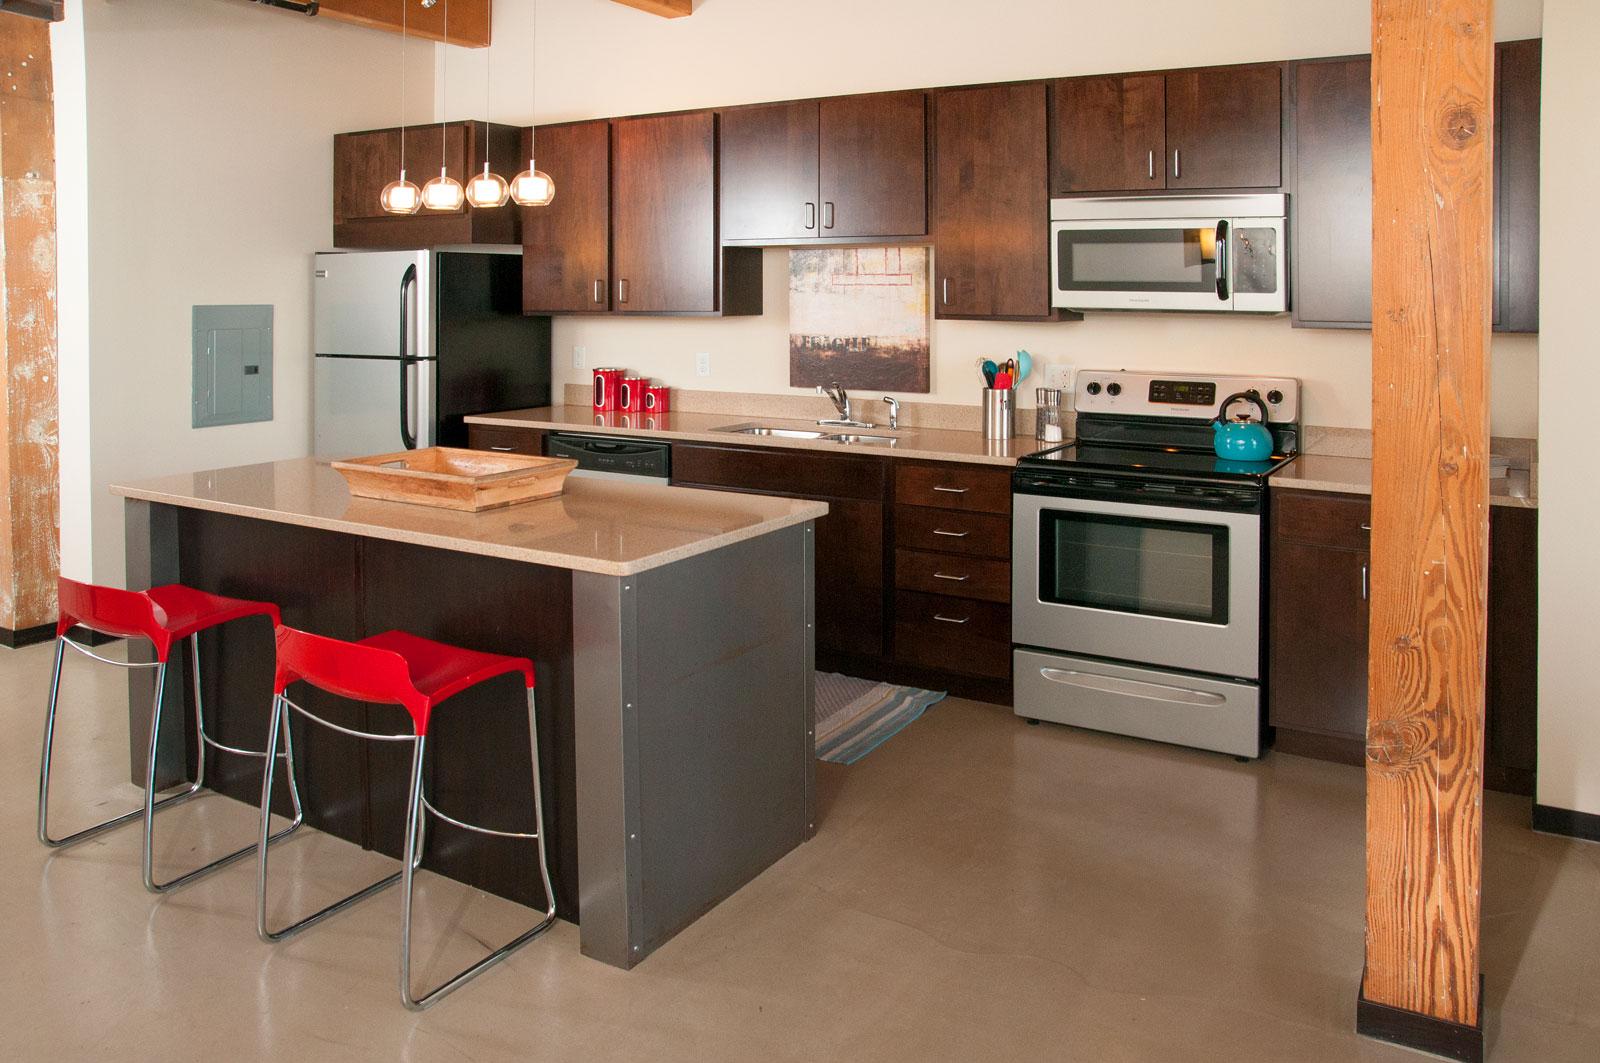 C&E Lofts Apartment Model